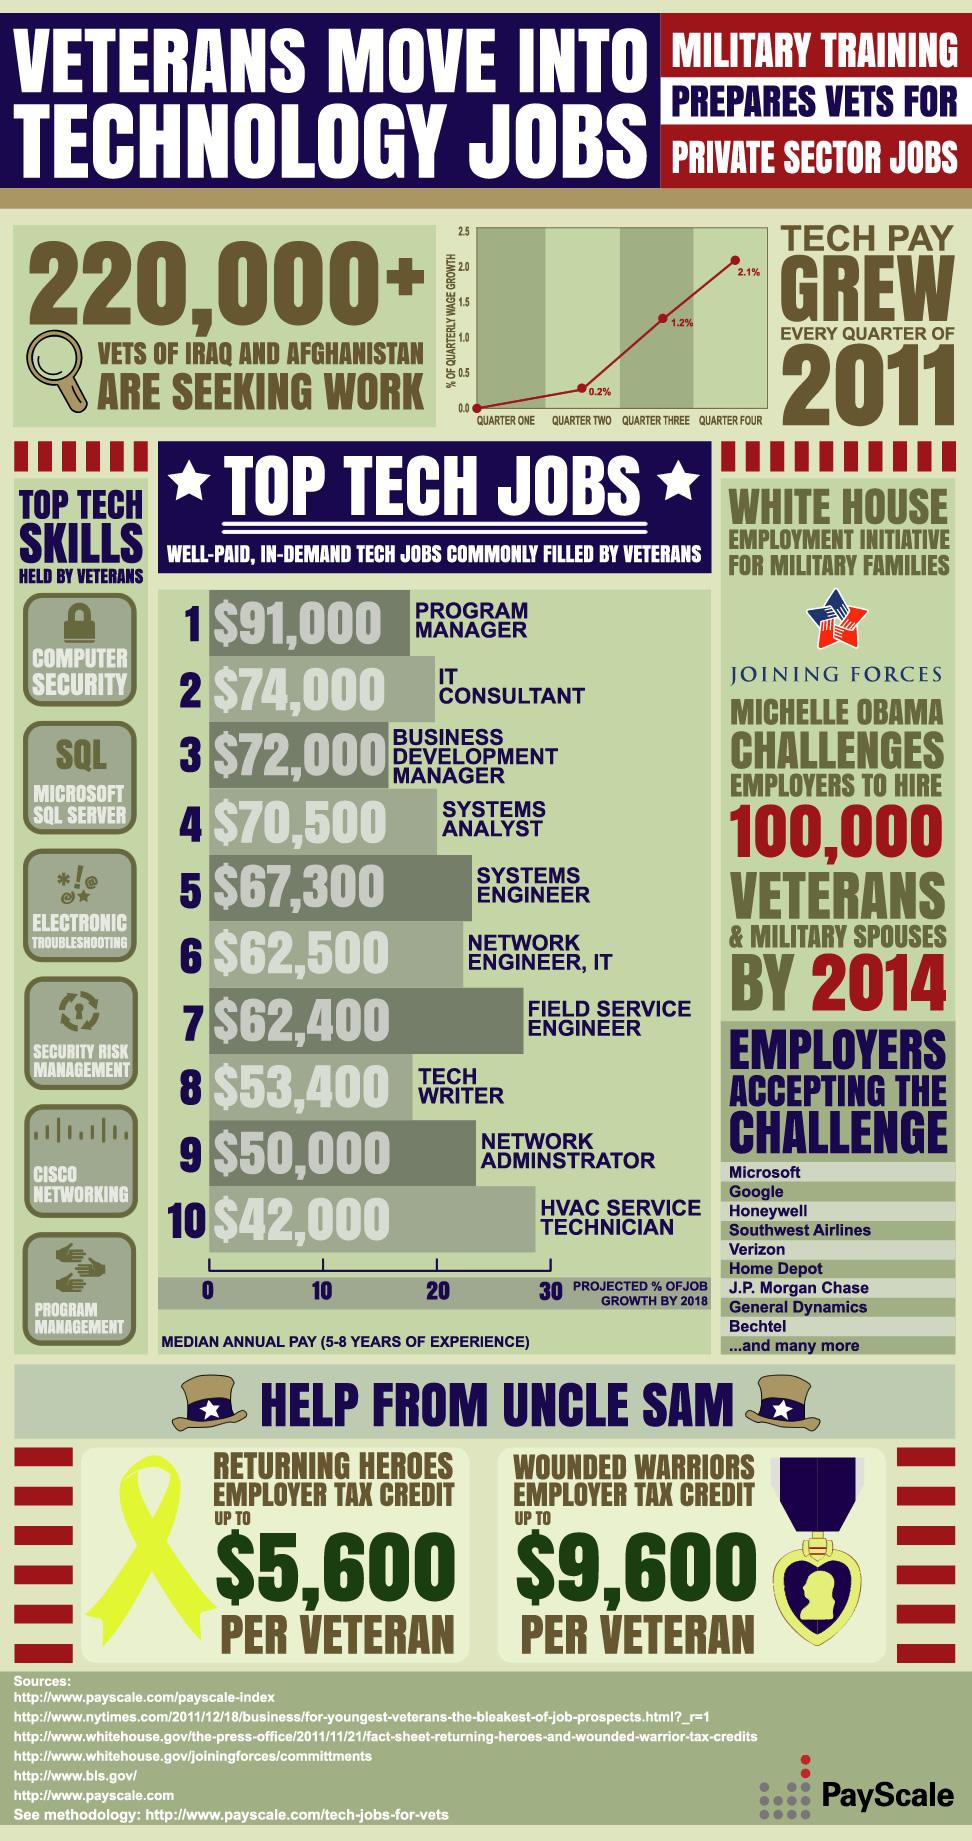 Veterans Tech Jobs Infographic